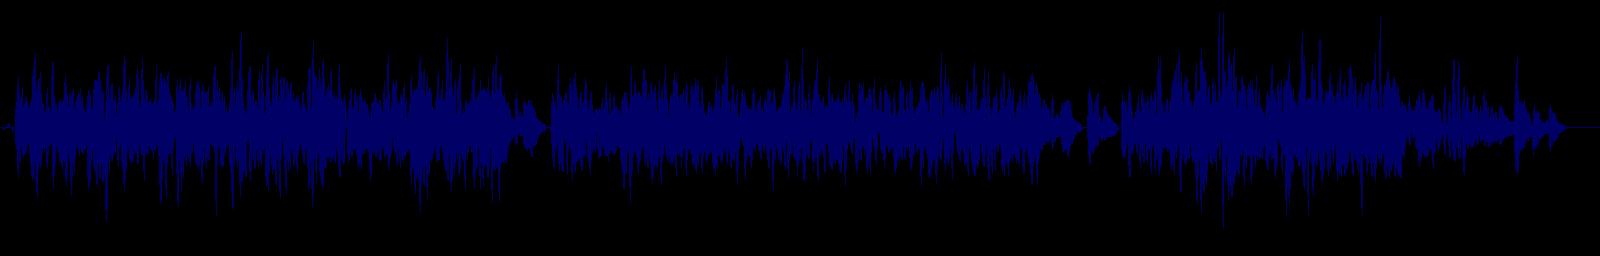 waveform of track #96255